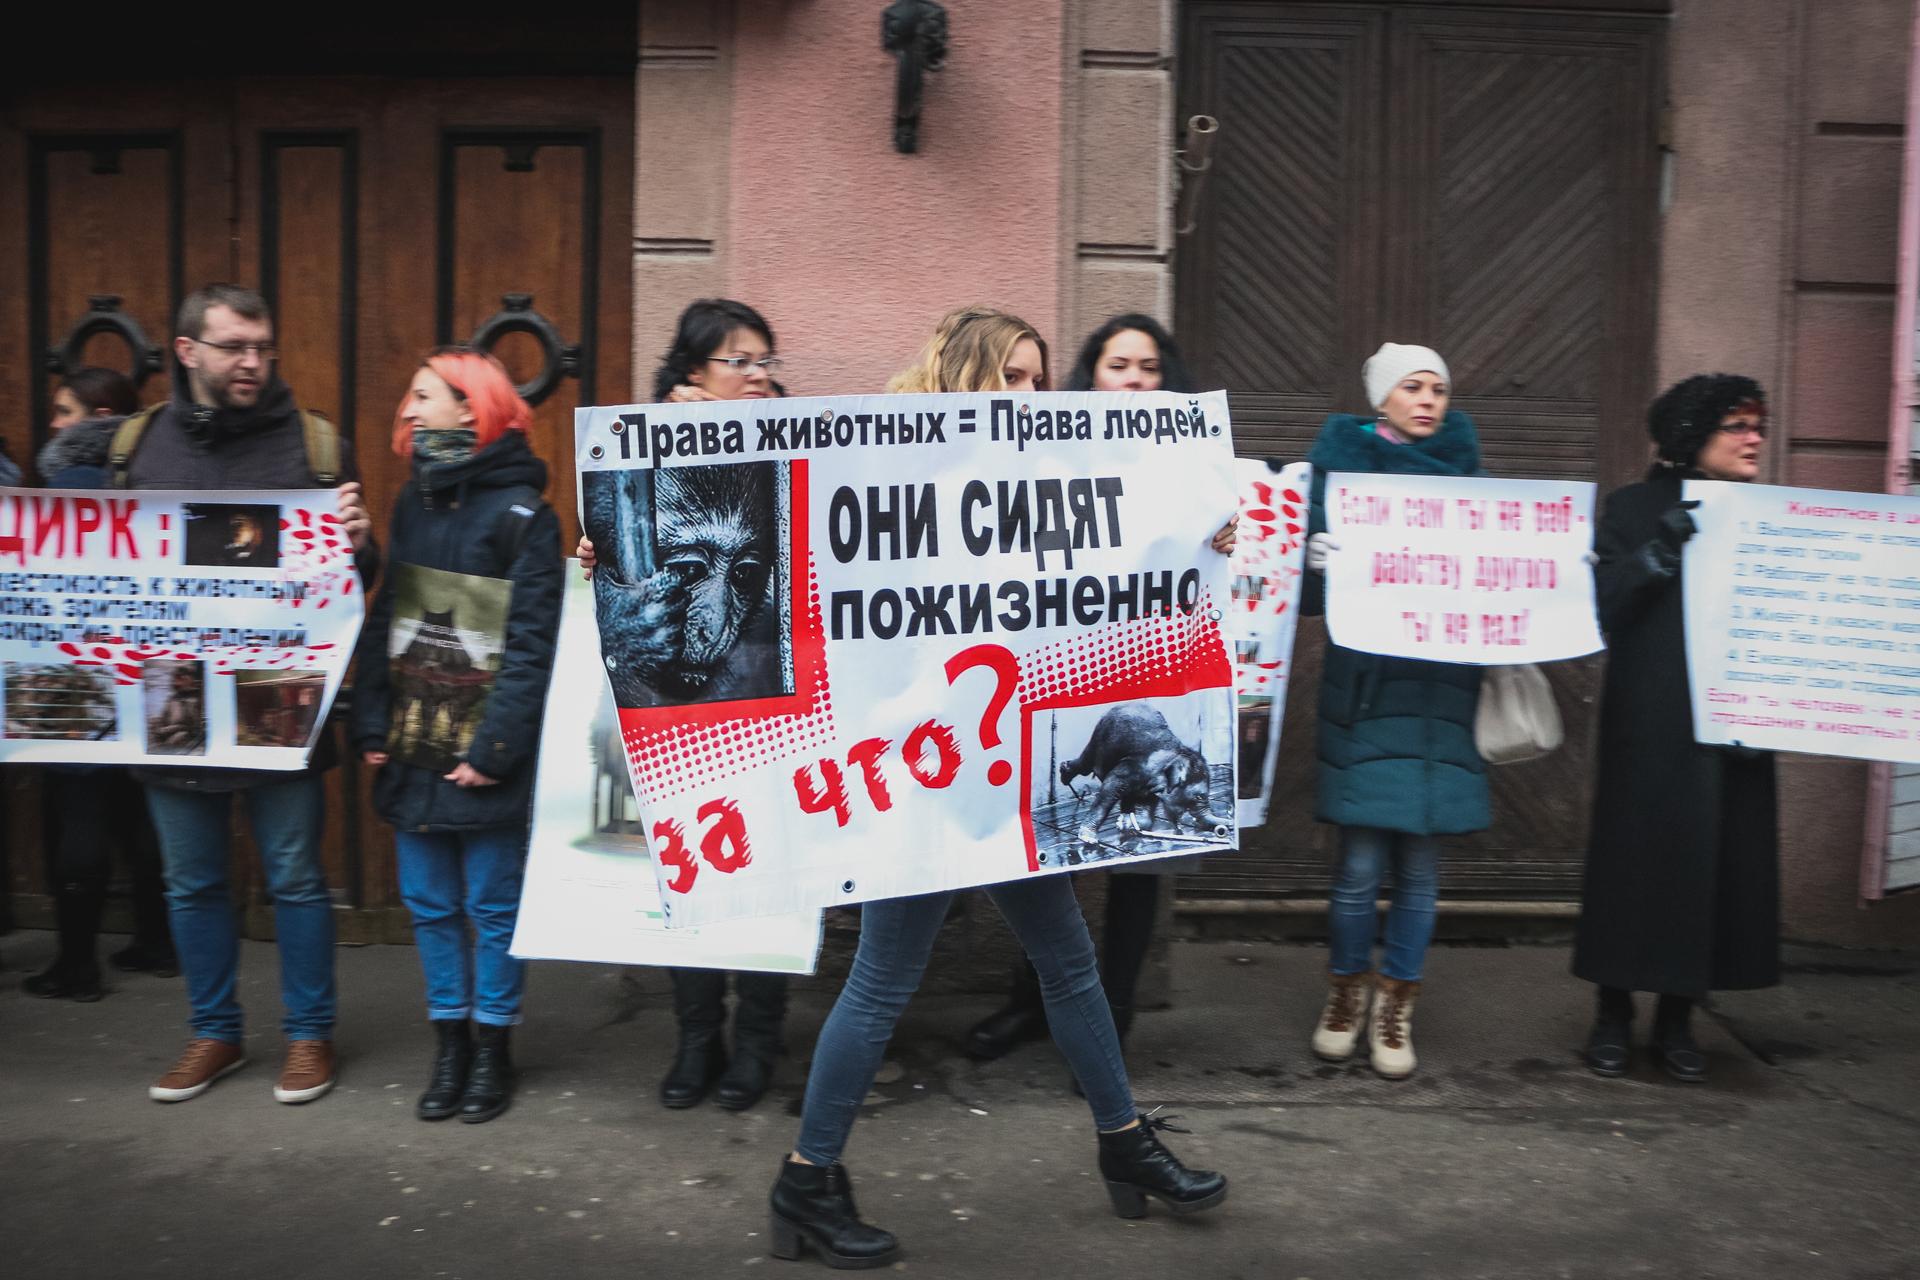 «Права животных = права людей»: под одесским цирком снова митинговали зоозащитники